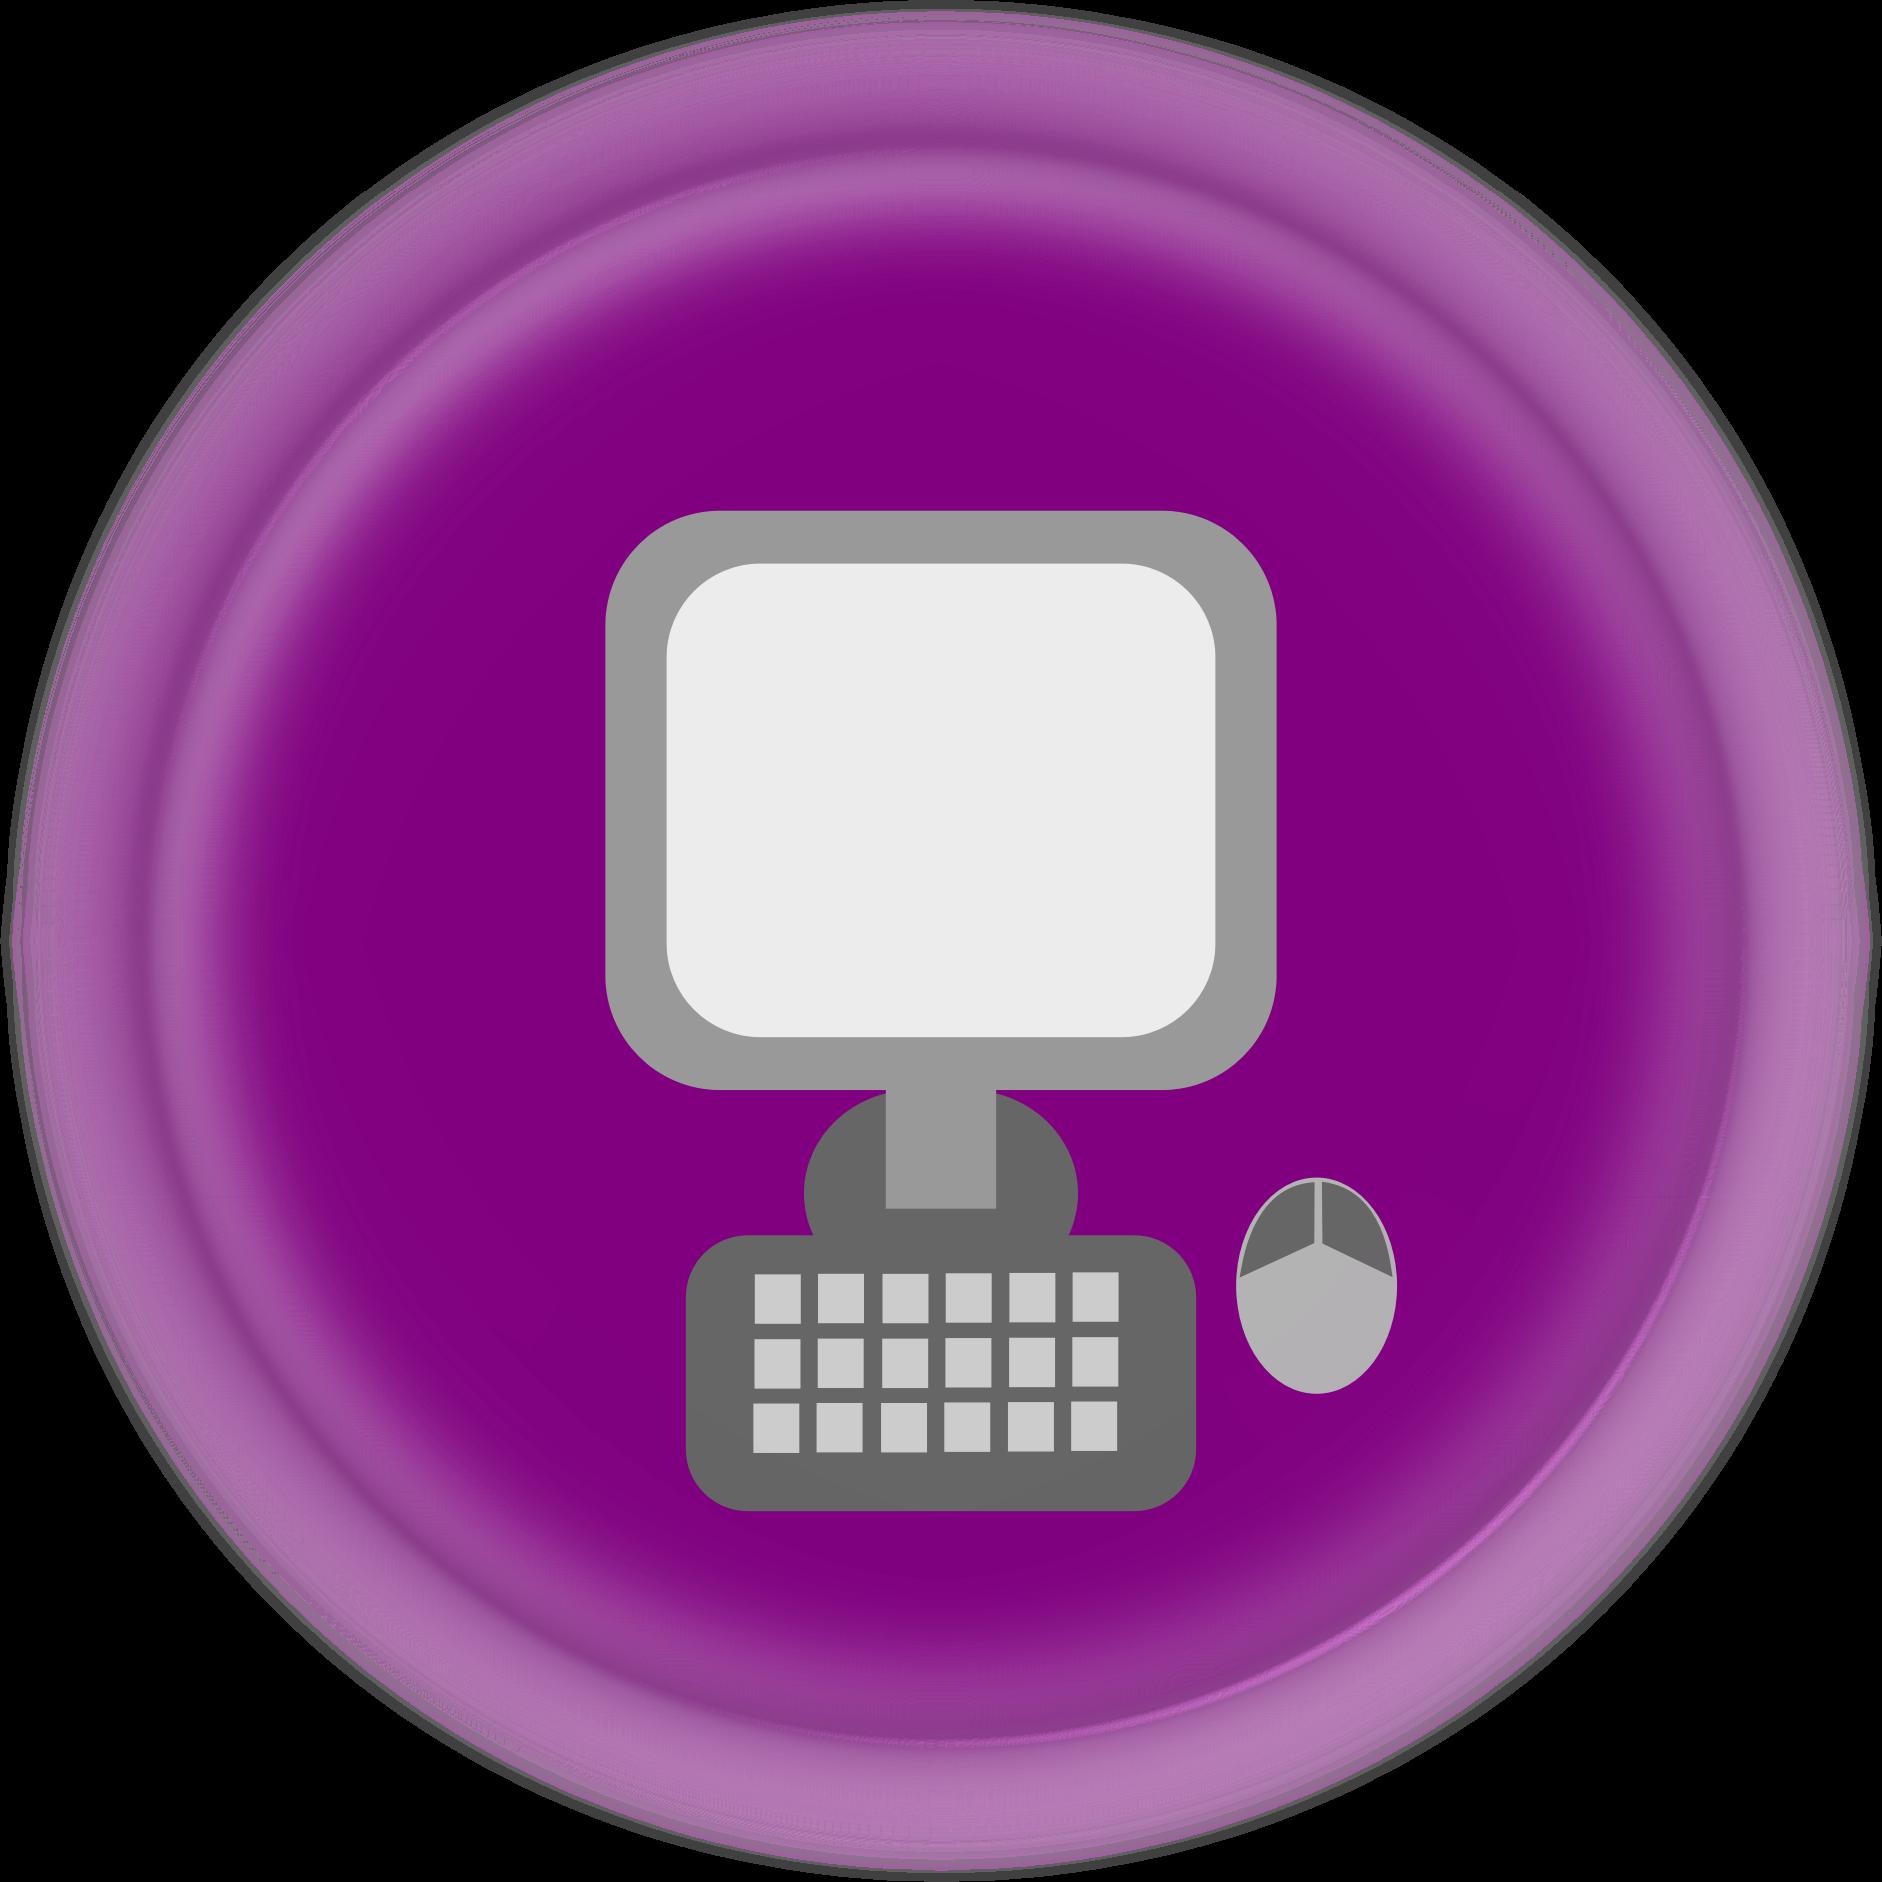 Circle computer